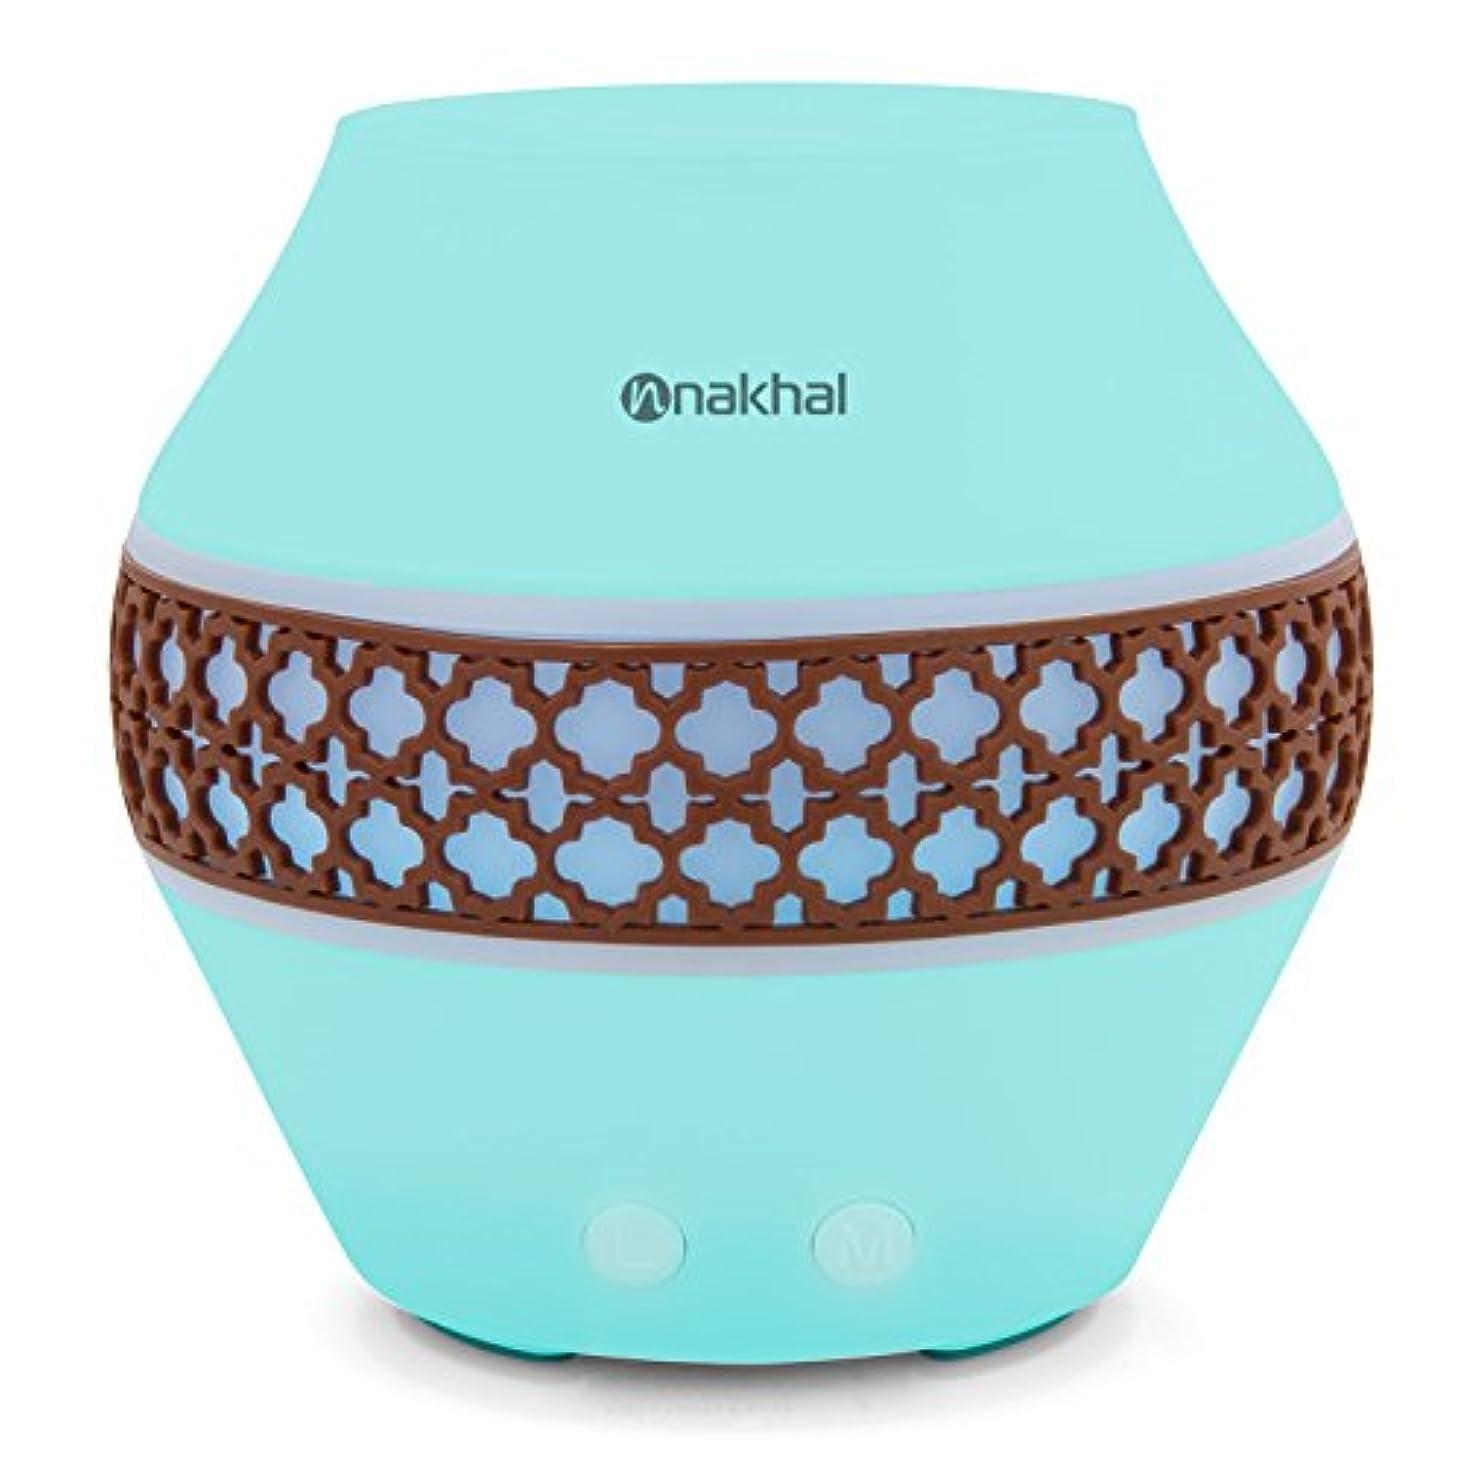 難民精神的に生命体Nakhal 120 ml Aromatherapy Essential Oil Diffuser、超音波クールなミスト加湿器で7色LEDライト変更 – Classical